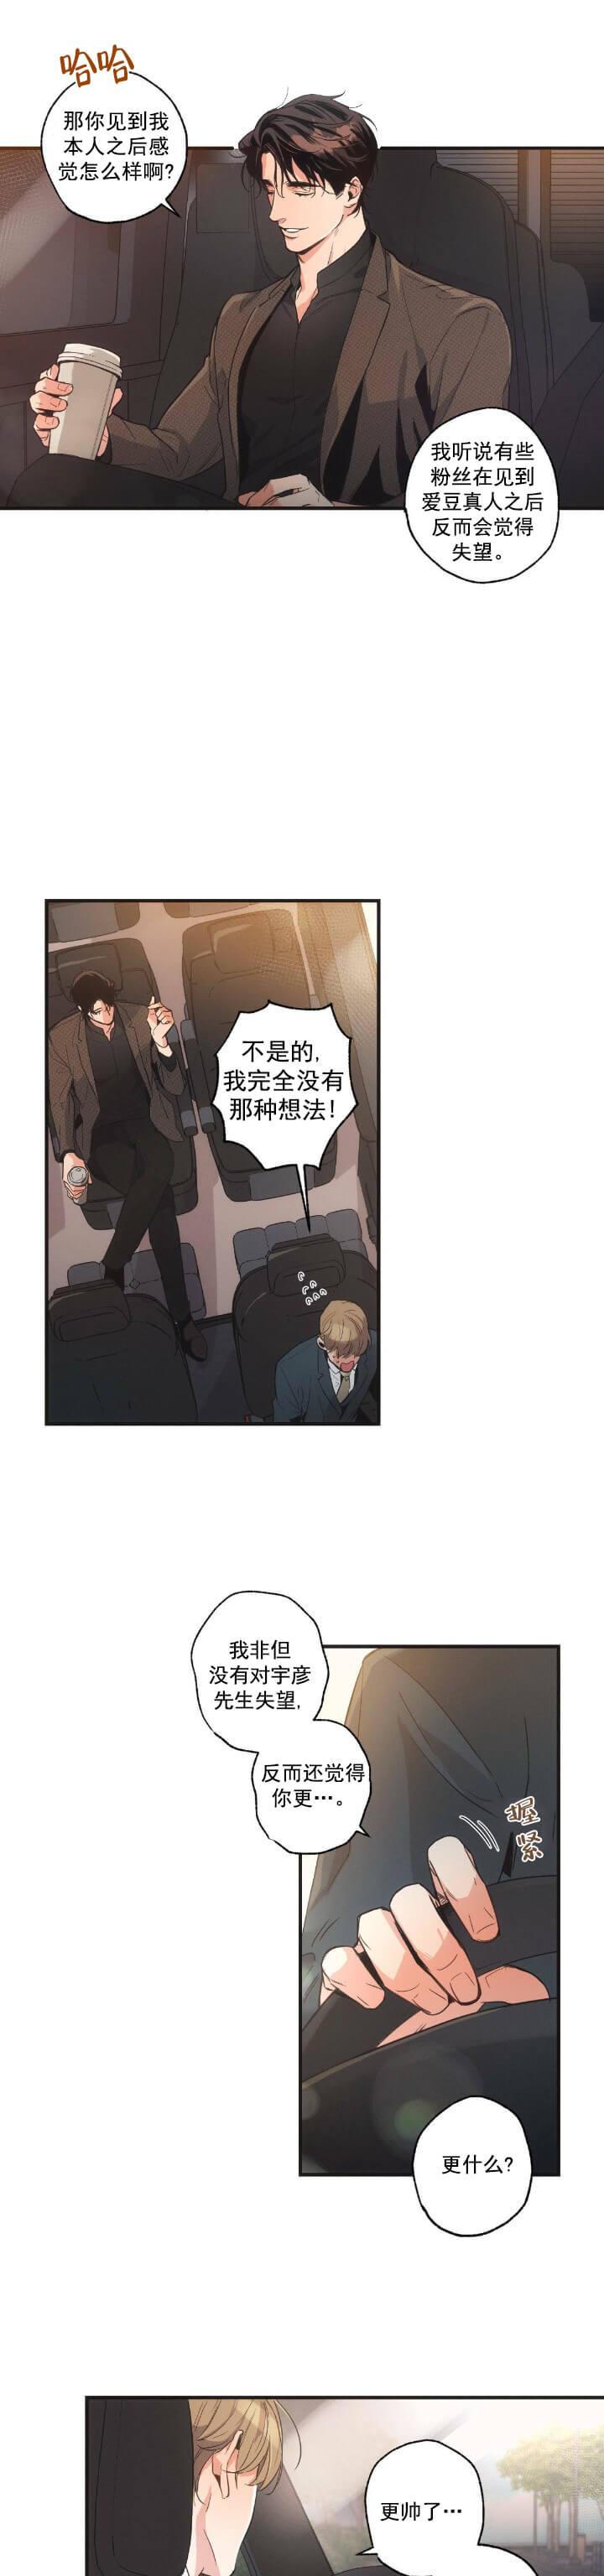 韩漫 |《别用有心的恋爱史》浴室play,全程不打M!  第12张